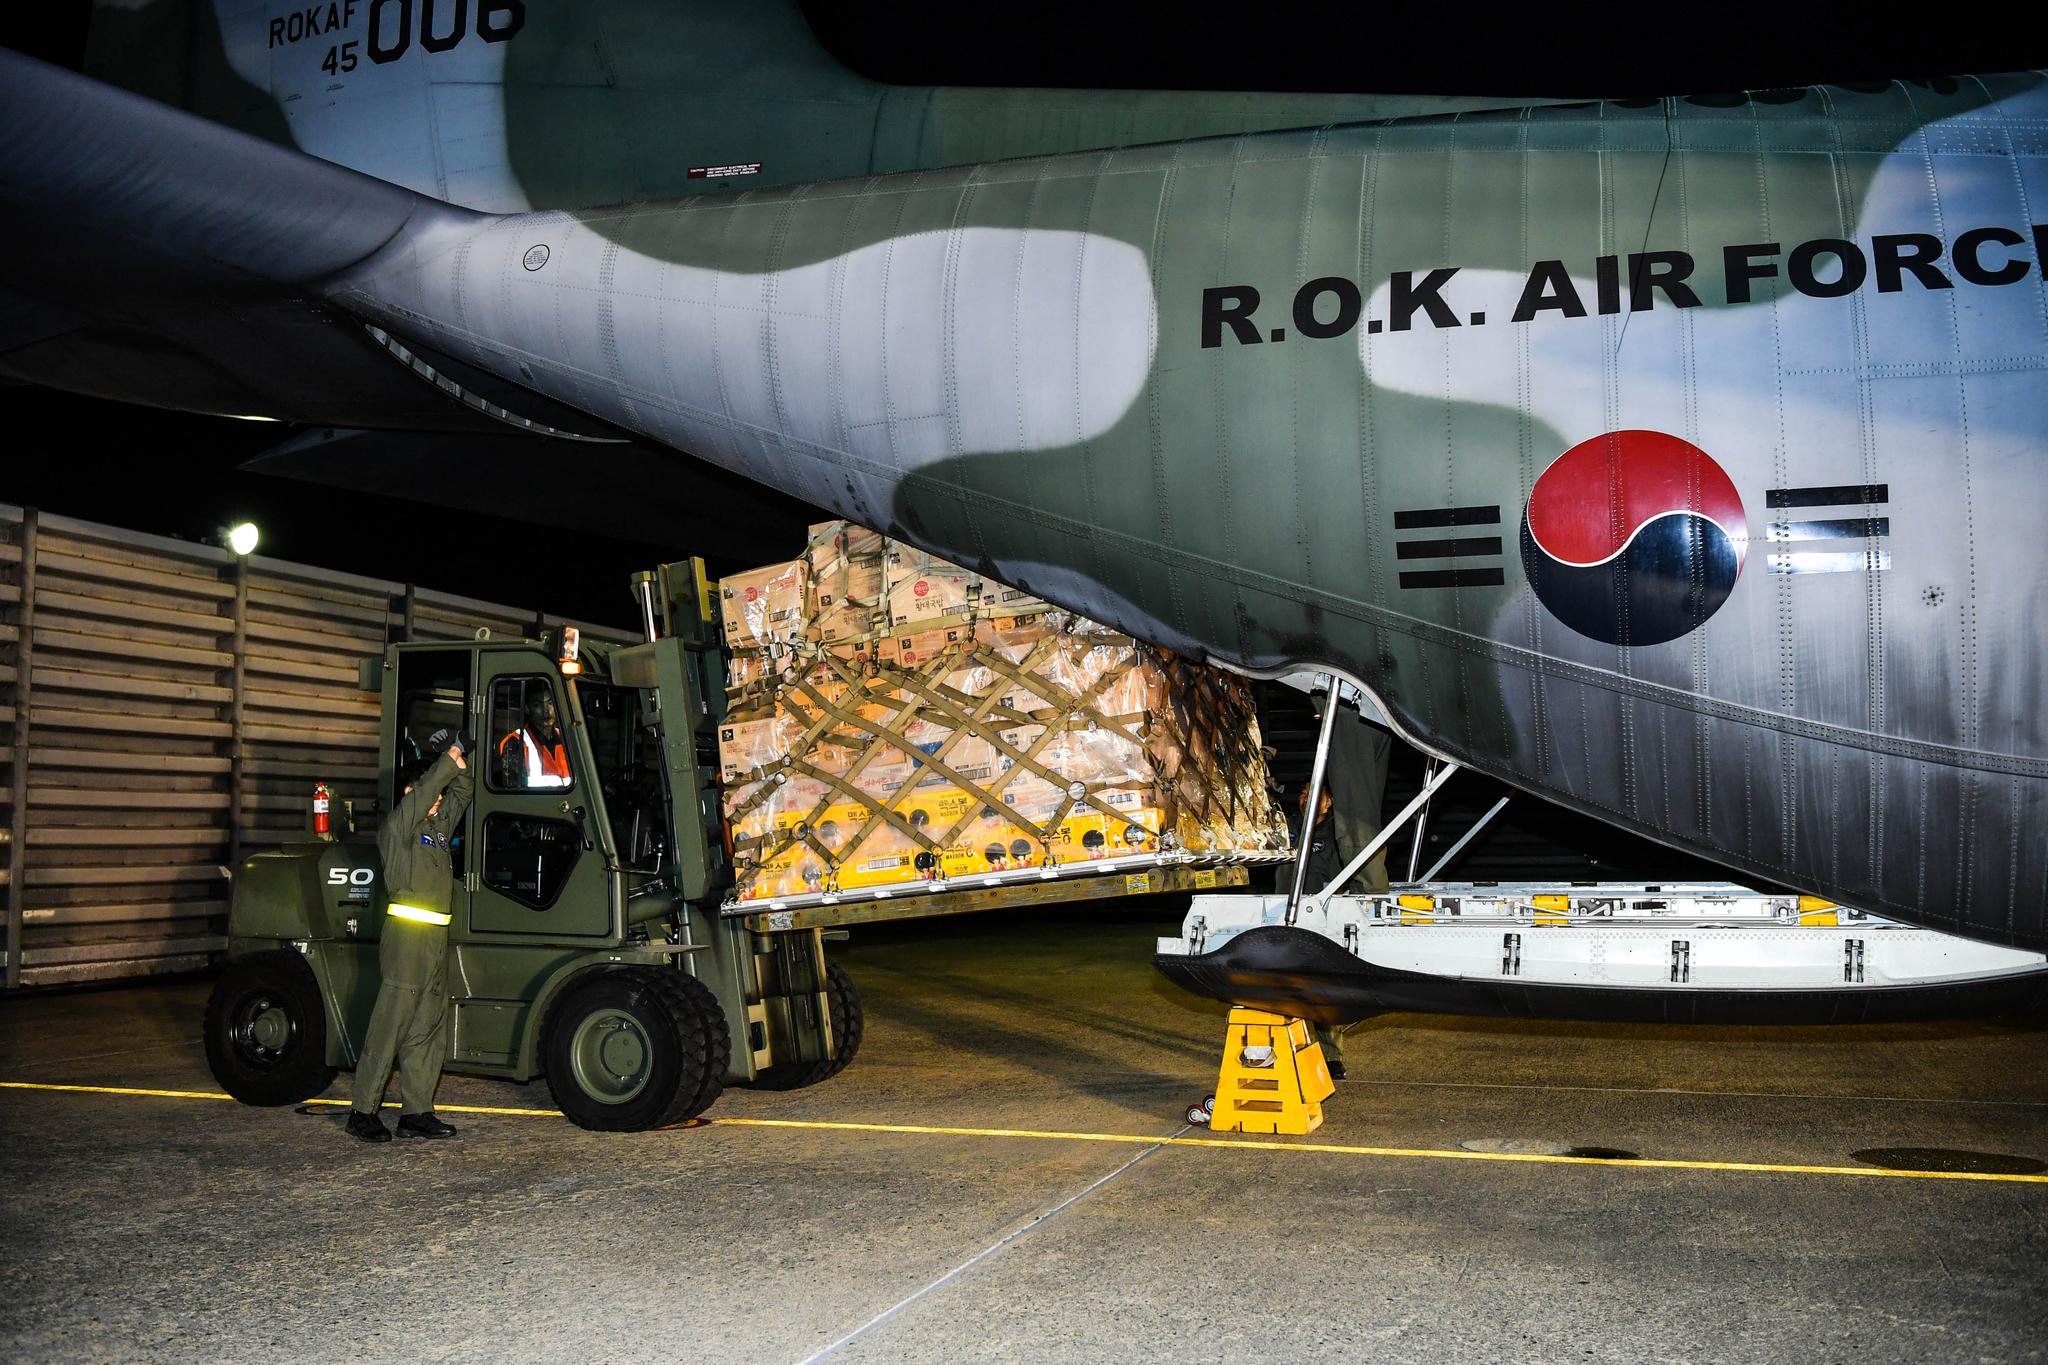 태풍 '위투'로 사이판에 고립된 한국민 이송을 지원하기 위해 정부가 파견한 공군 제5공중기동비행단 소속 C-130H가 27일 오전 3시 20분 경 김해기지를 출발했다. 이륙 전 구호물품을 수송기에 싣고 있는 모습. [사진 공군]